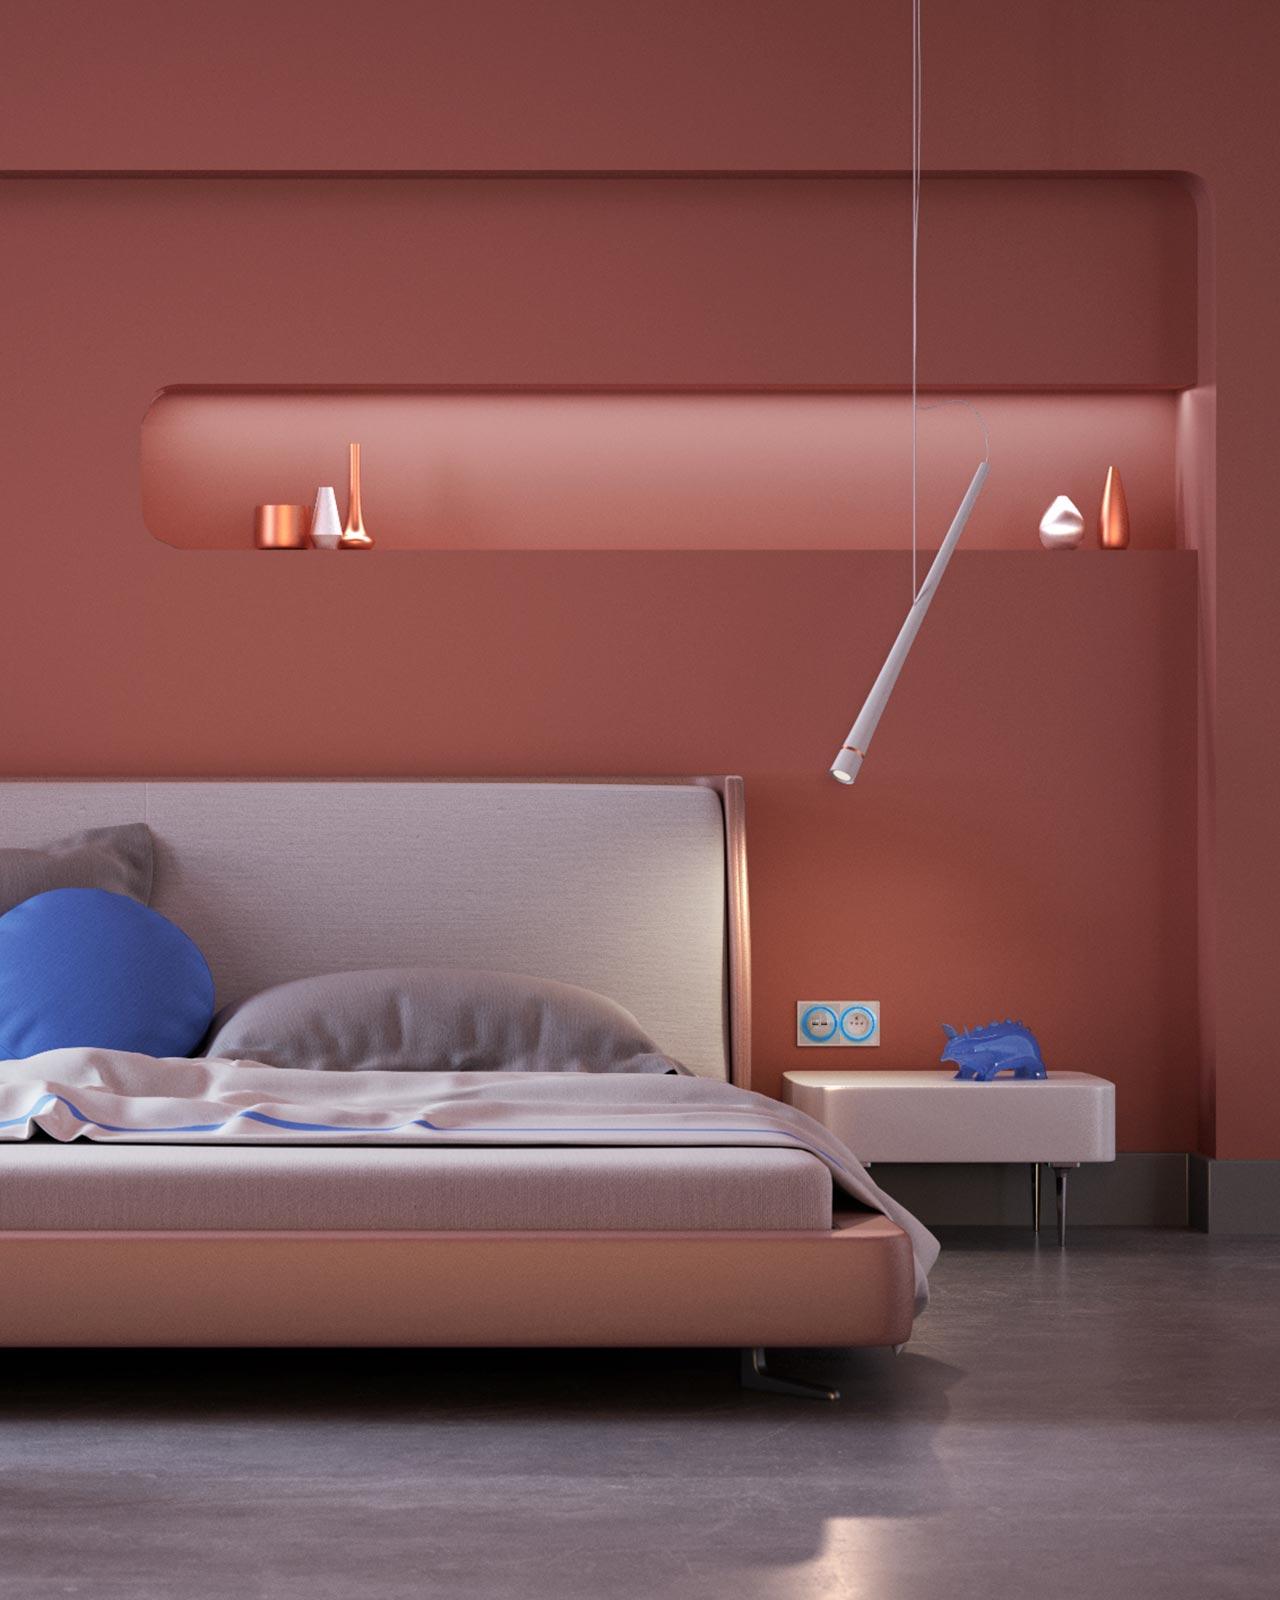 Fibaro-Walli-N-USB-Outlet-wall-room